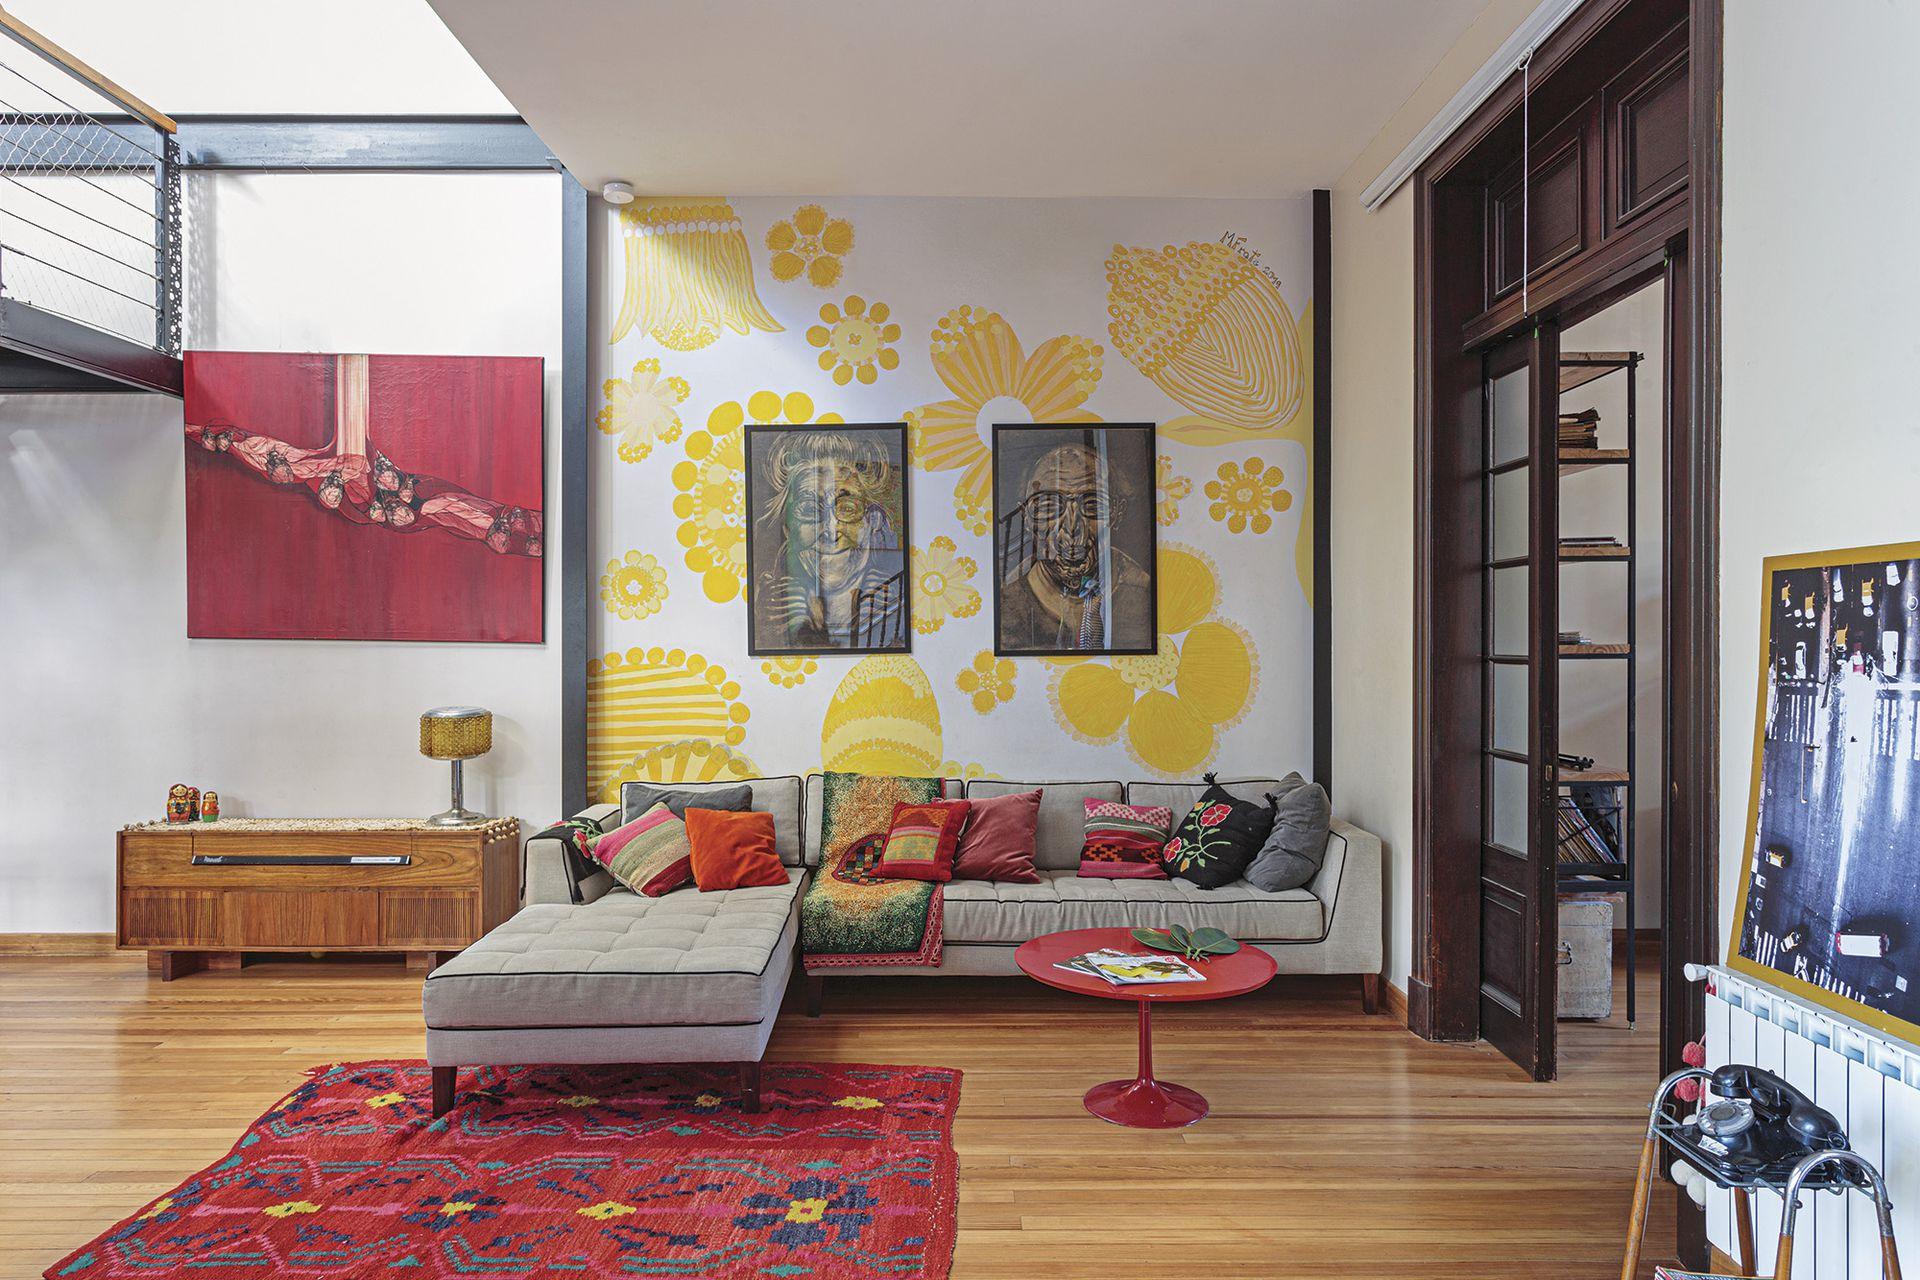 Obra 'Equilibrium' de Luciana Mariani. El piso de pino tea es original de la casa y fue recuperado (Parquet Escobar).